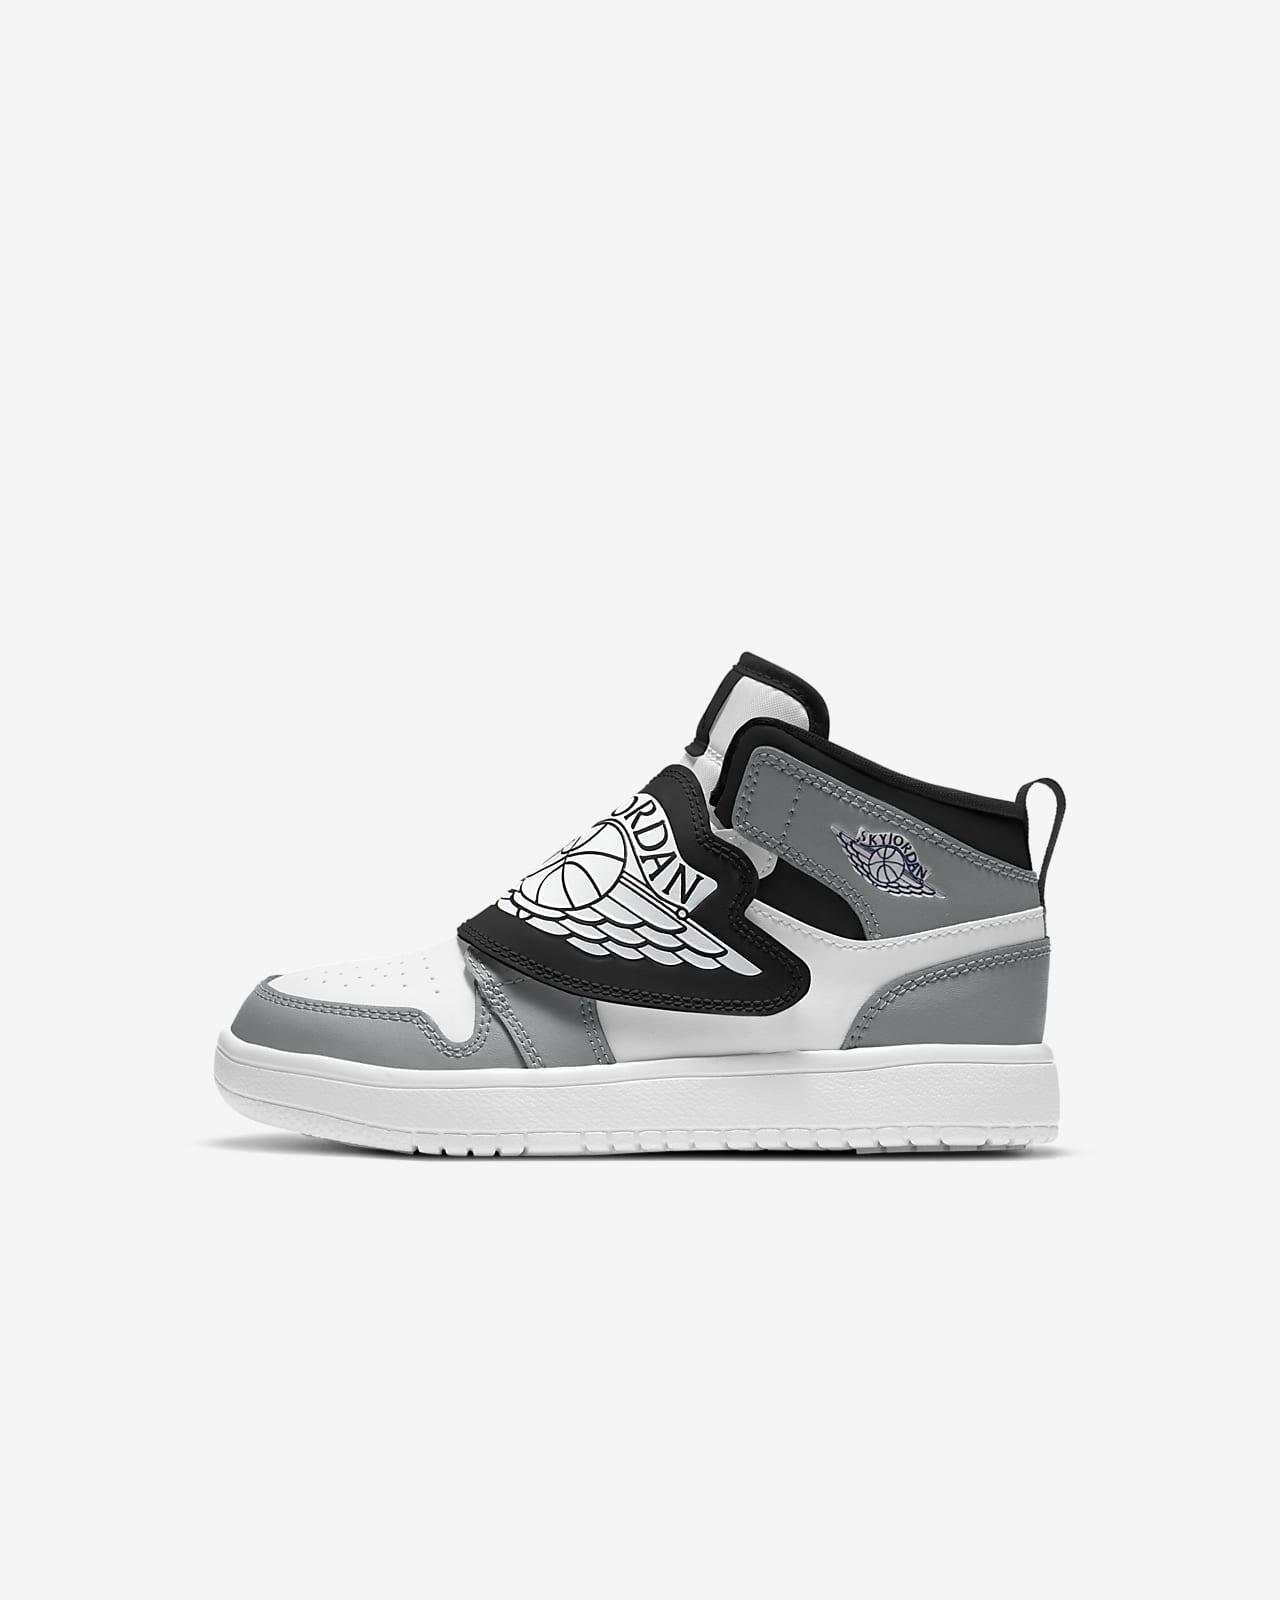 Calzado Para Ninos De Talla Pequena Sky Jordan 1 Nike Mx